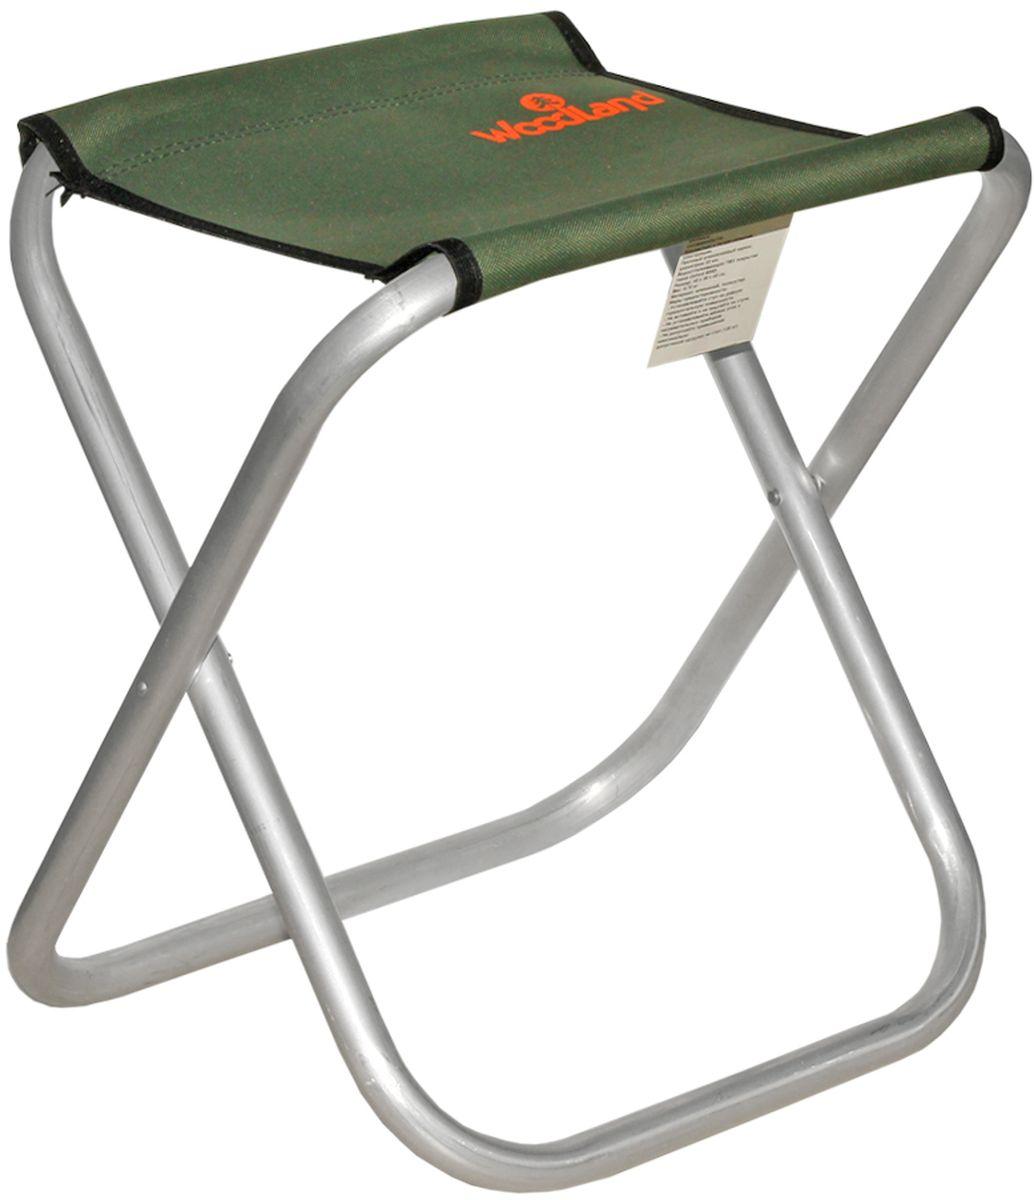 Стул складной Woodland  Compact ALU , цвет: оливковый, стальной, 40 x 30 х 40 см - Складная и надувная мебель